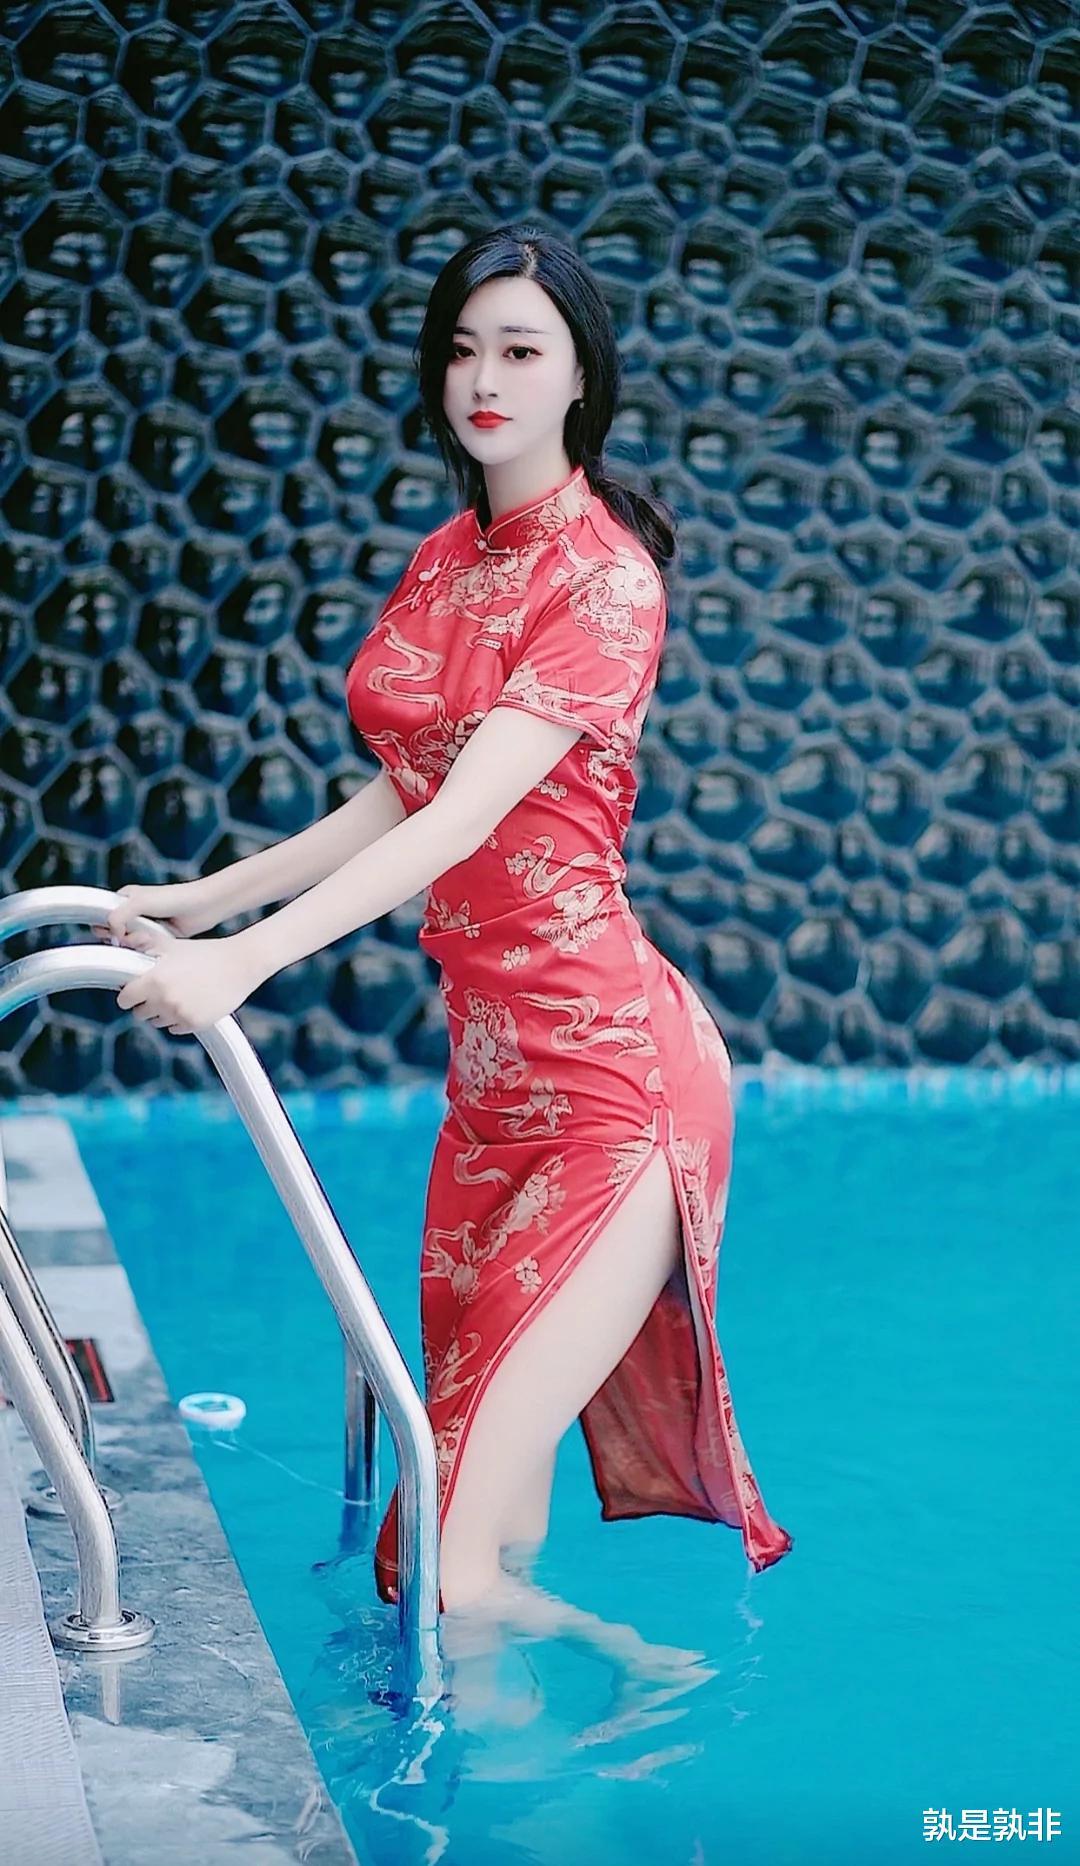 """高身近两米的网红旺旺,吸引粉丝七百多万,她诠释""""身高也是一种优势"""""""